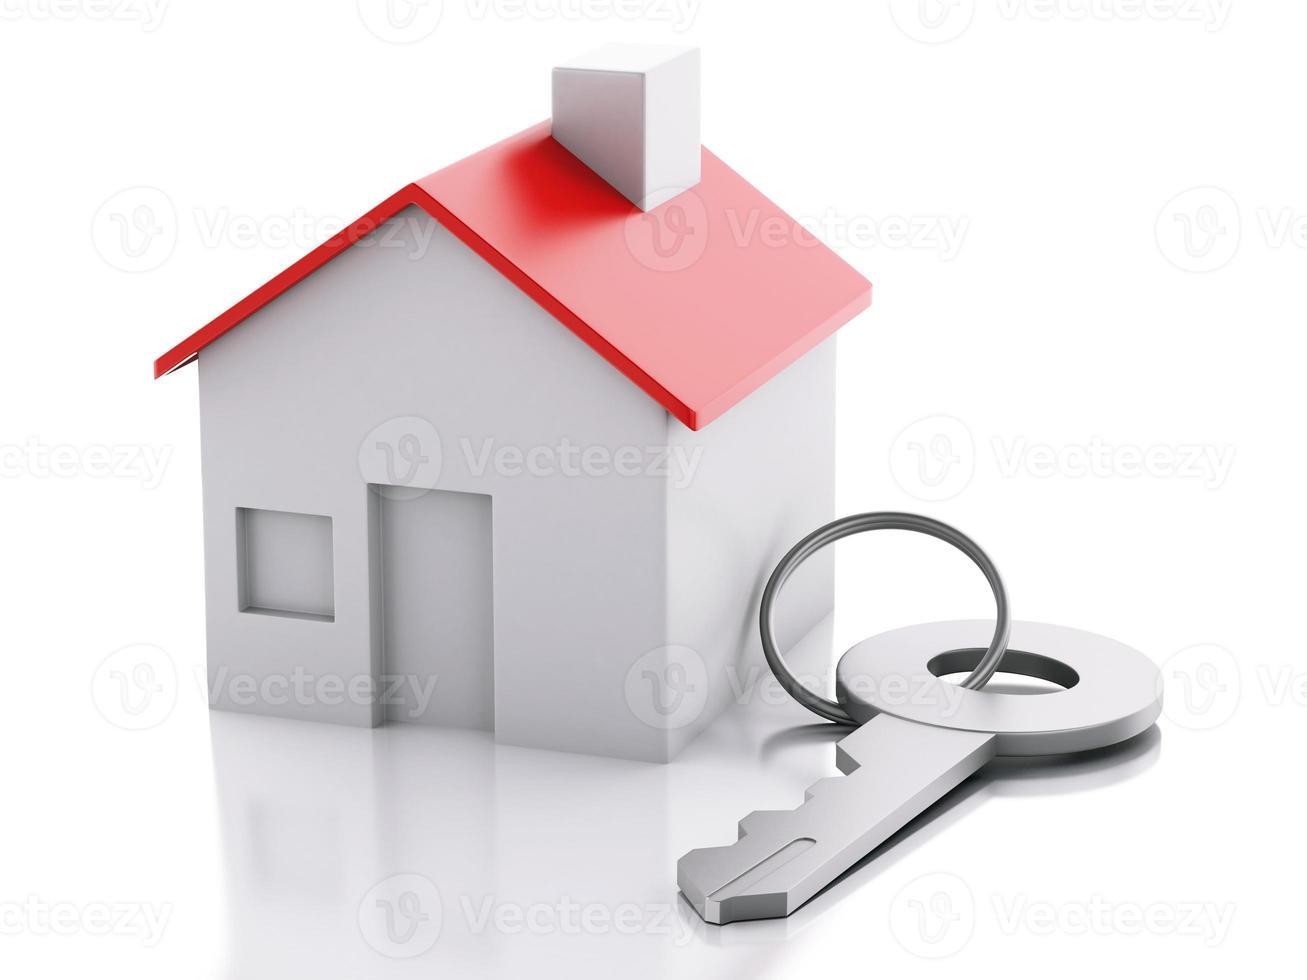 Haus mit Schlüssel auf weißem Hintergrund. Immobilienkonzept foto